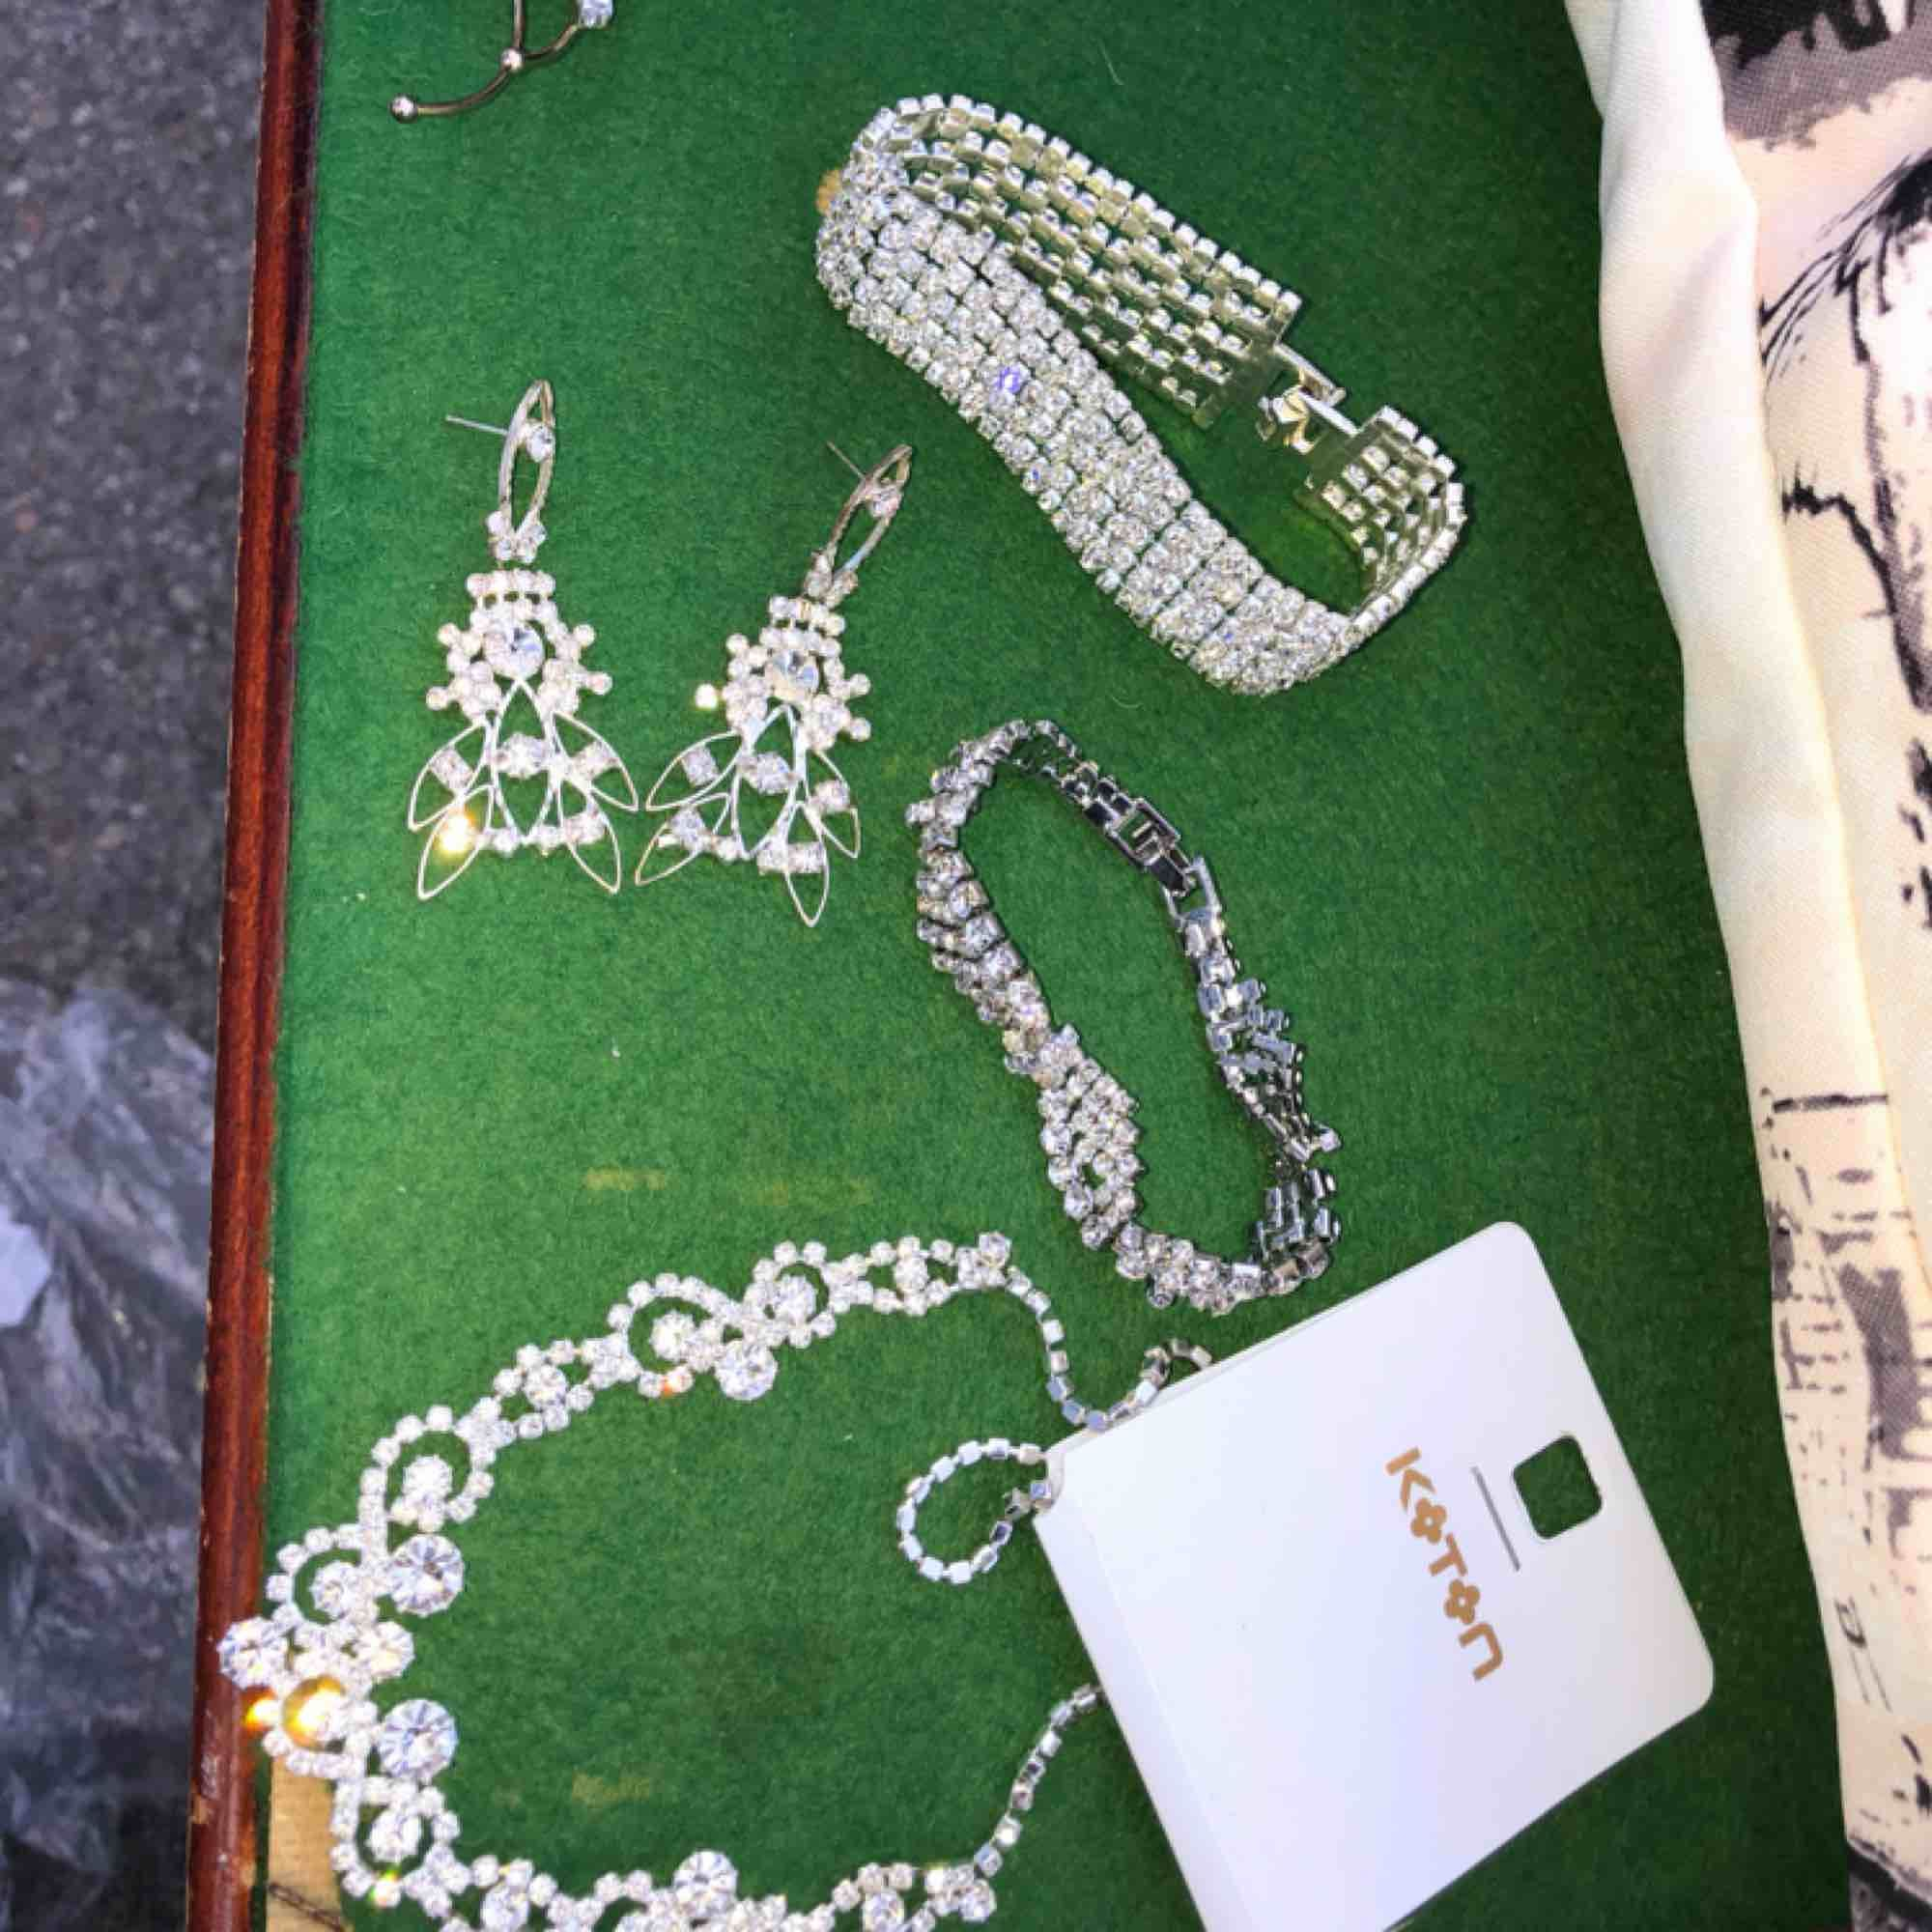 """Säljer massa olika diamant smycken. Allt förutom halsbandet kostar 30kr/st. Halsbandet kostar 50kr. Två armband, ena har en """"flätad"""" design som man ser på bild. Ett par örhängen och sista längst upp är en earcuff. Köpte allt nyligen.. Accessoarer."""